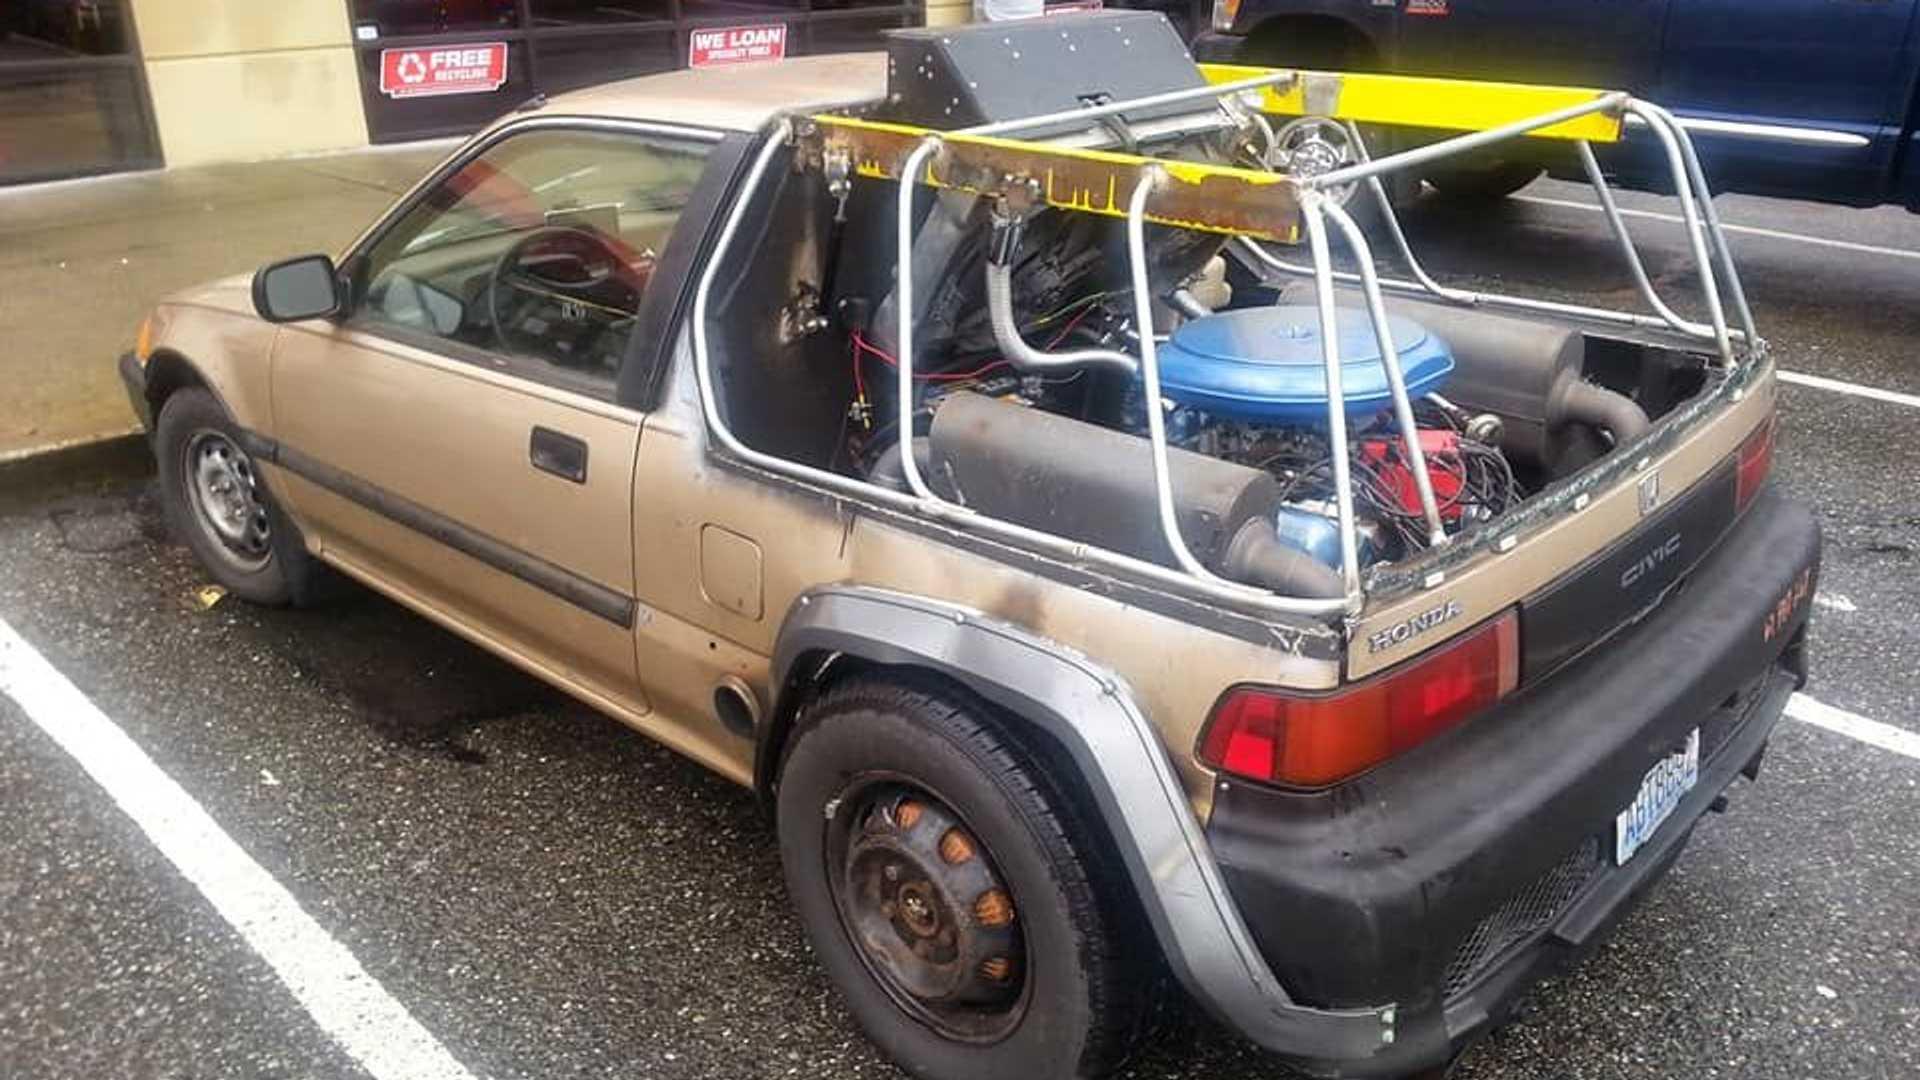 https://cdn.motor1.com/images/mgl/eEl8E/s6/honda-civic-anni-80-con-motore-v8-oldsmobile.jpg